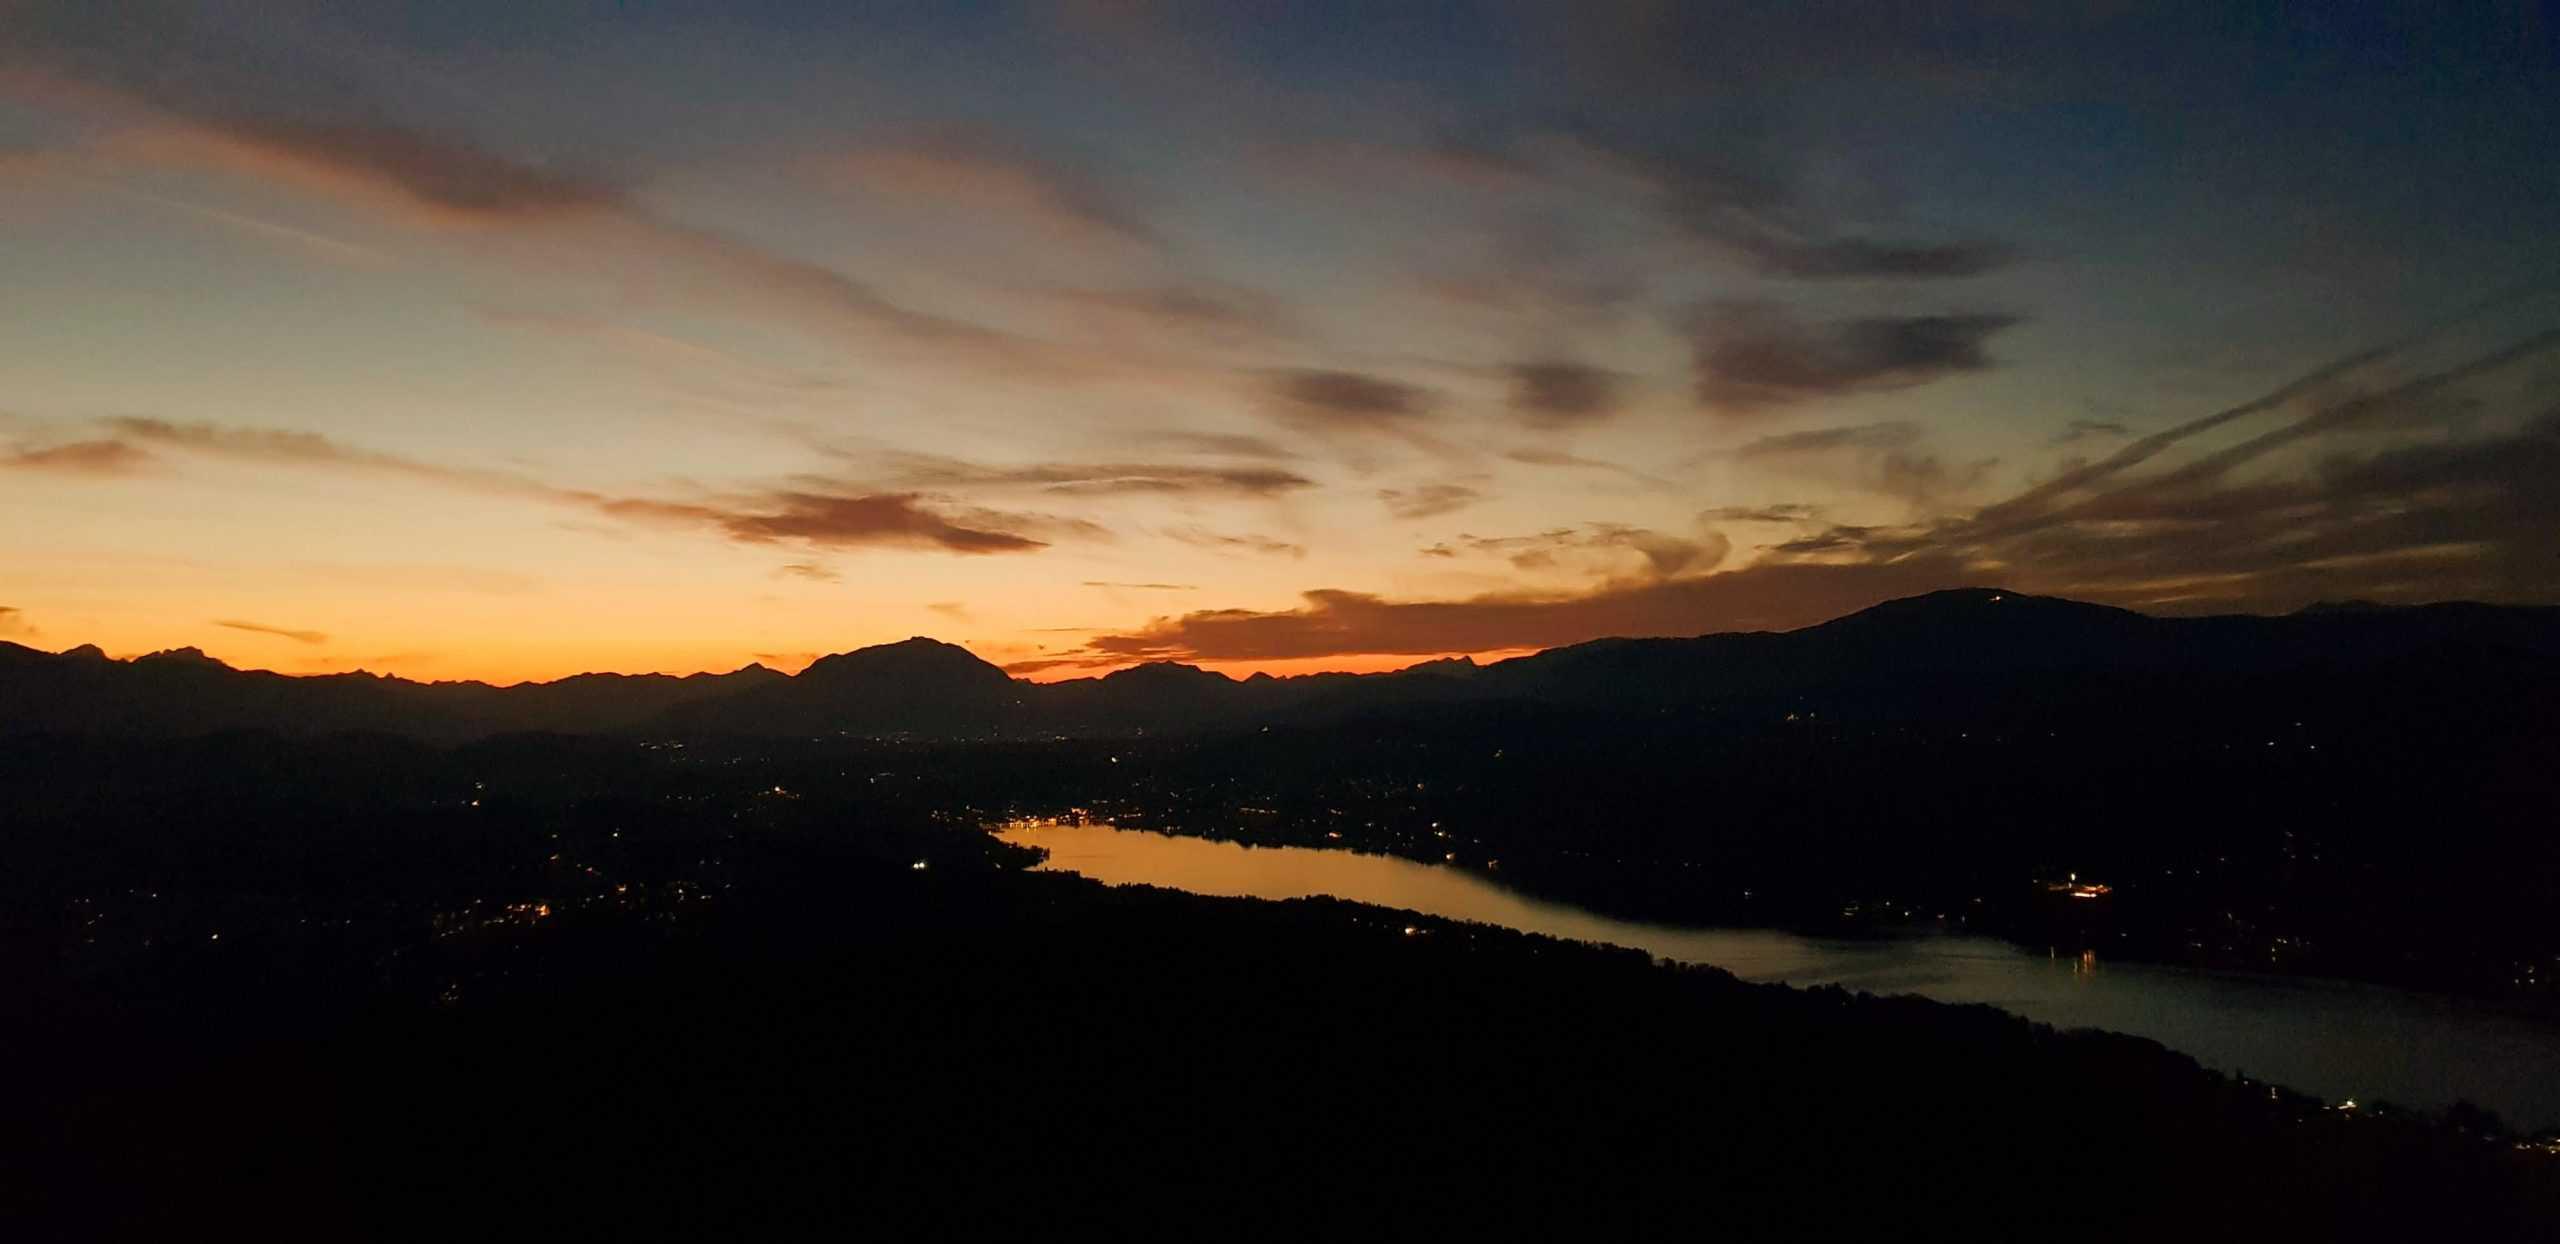 Sonnenuntergang über Velden am Wörthersee bei Abend-Ausflug auf Pyramidenkogel